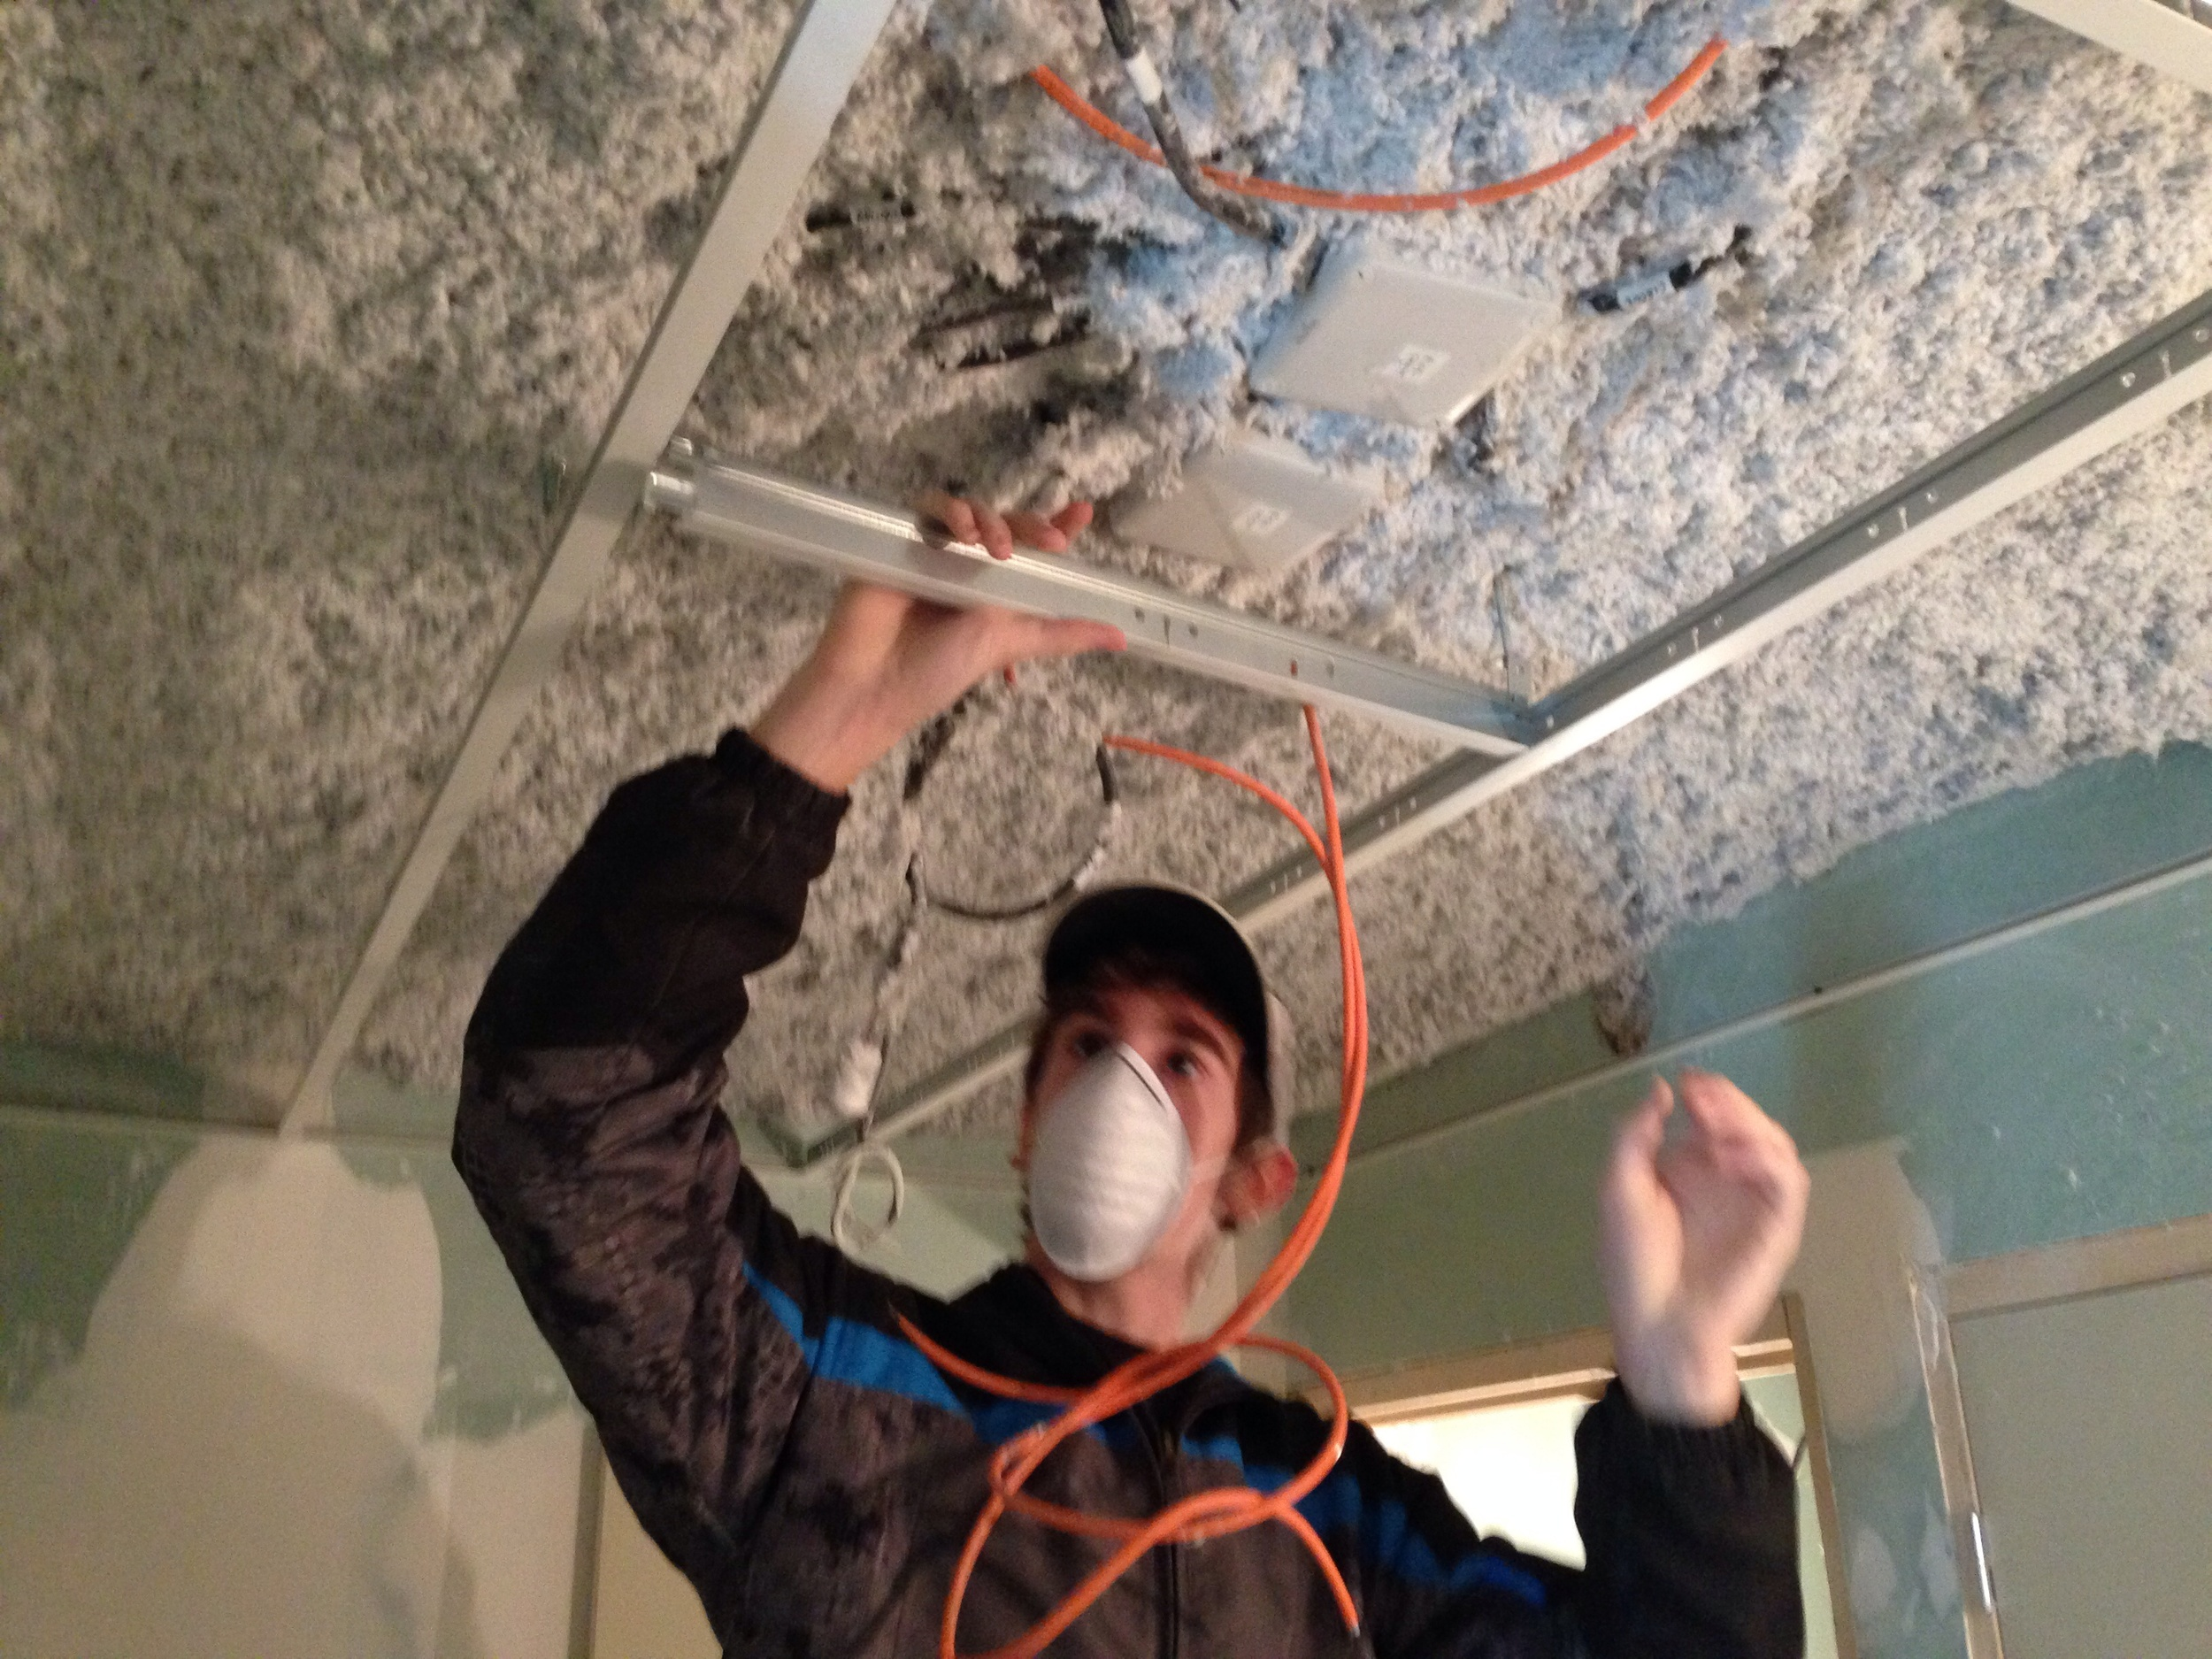 Elijah installing drop ceiling grid work